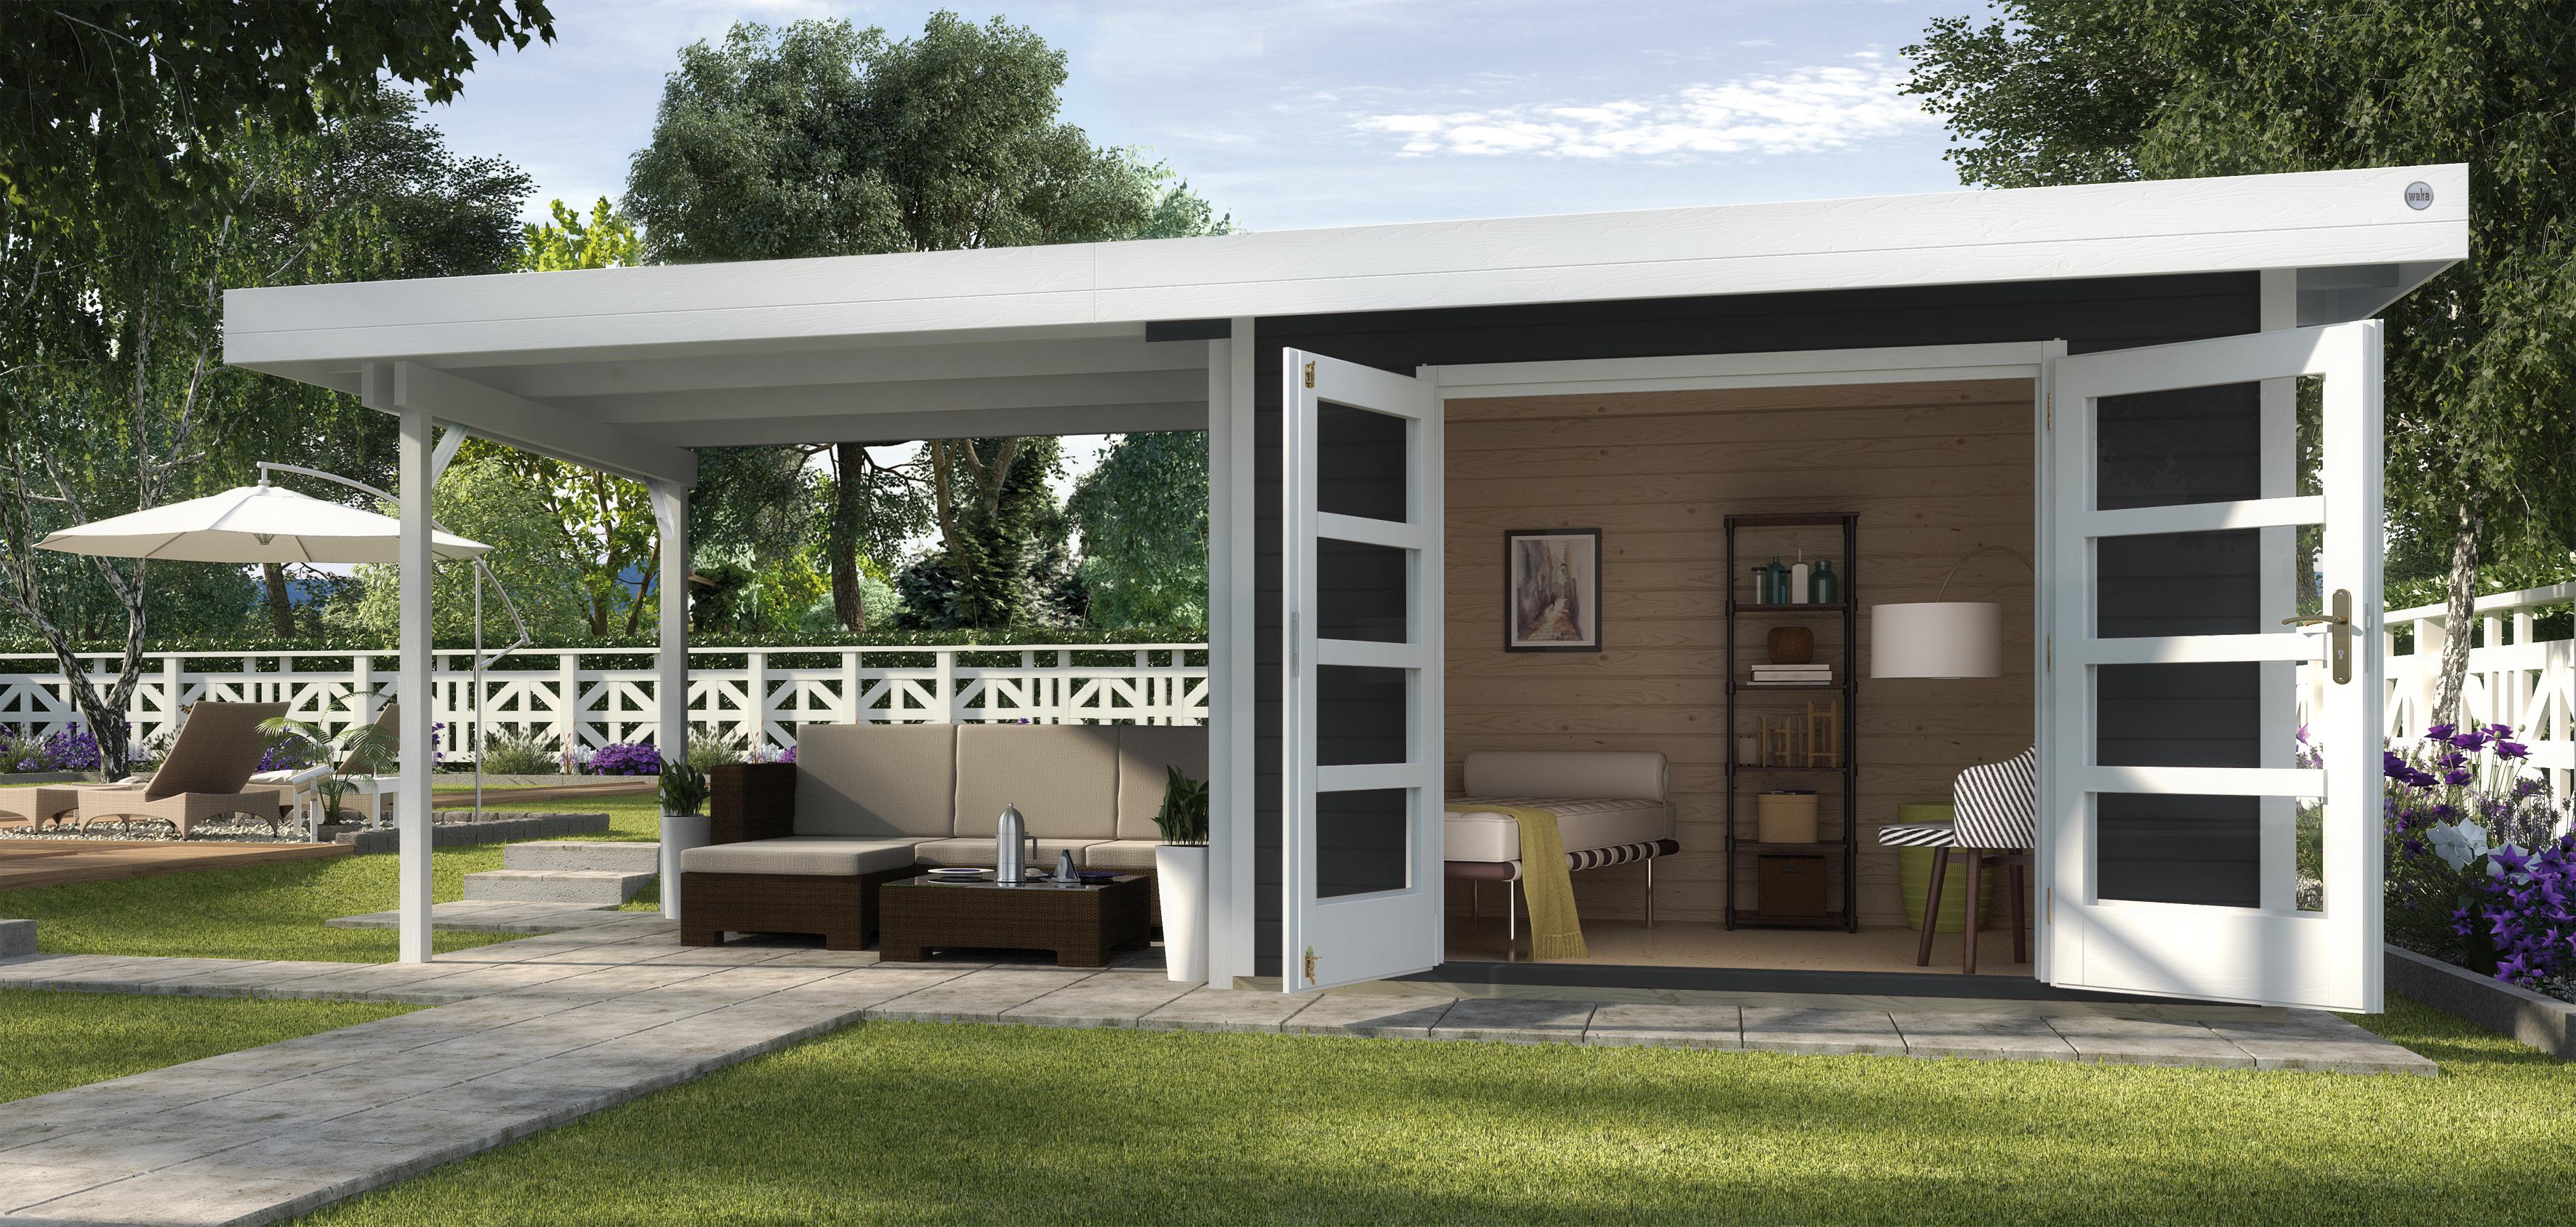 Abri De Jardin Design Toit Plat Avec Auvent - Abri Bois De 10 À 15 M² Nea  Concept avec Abri Bois Toit Plat